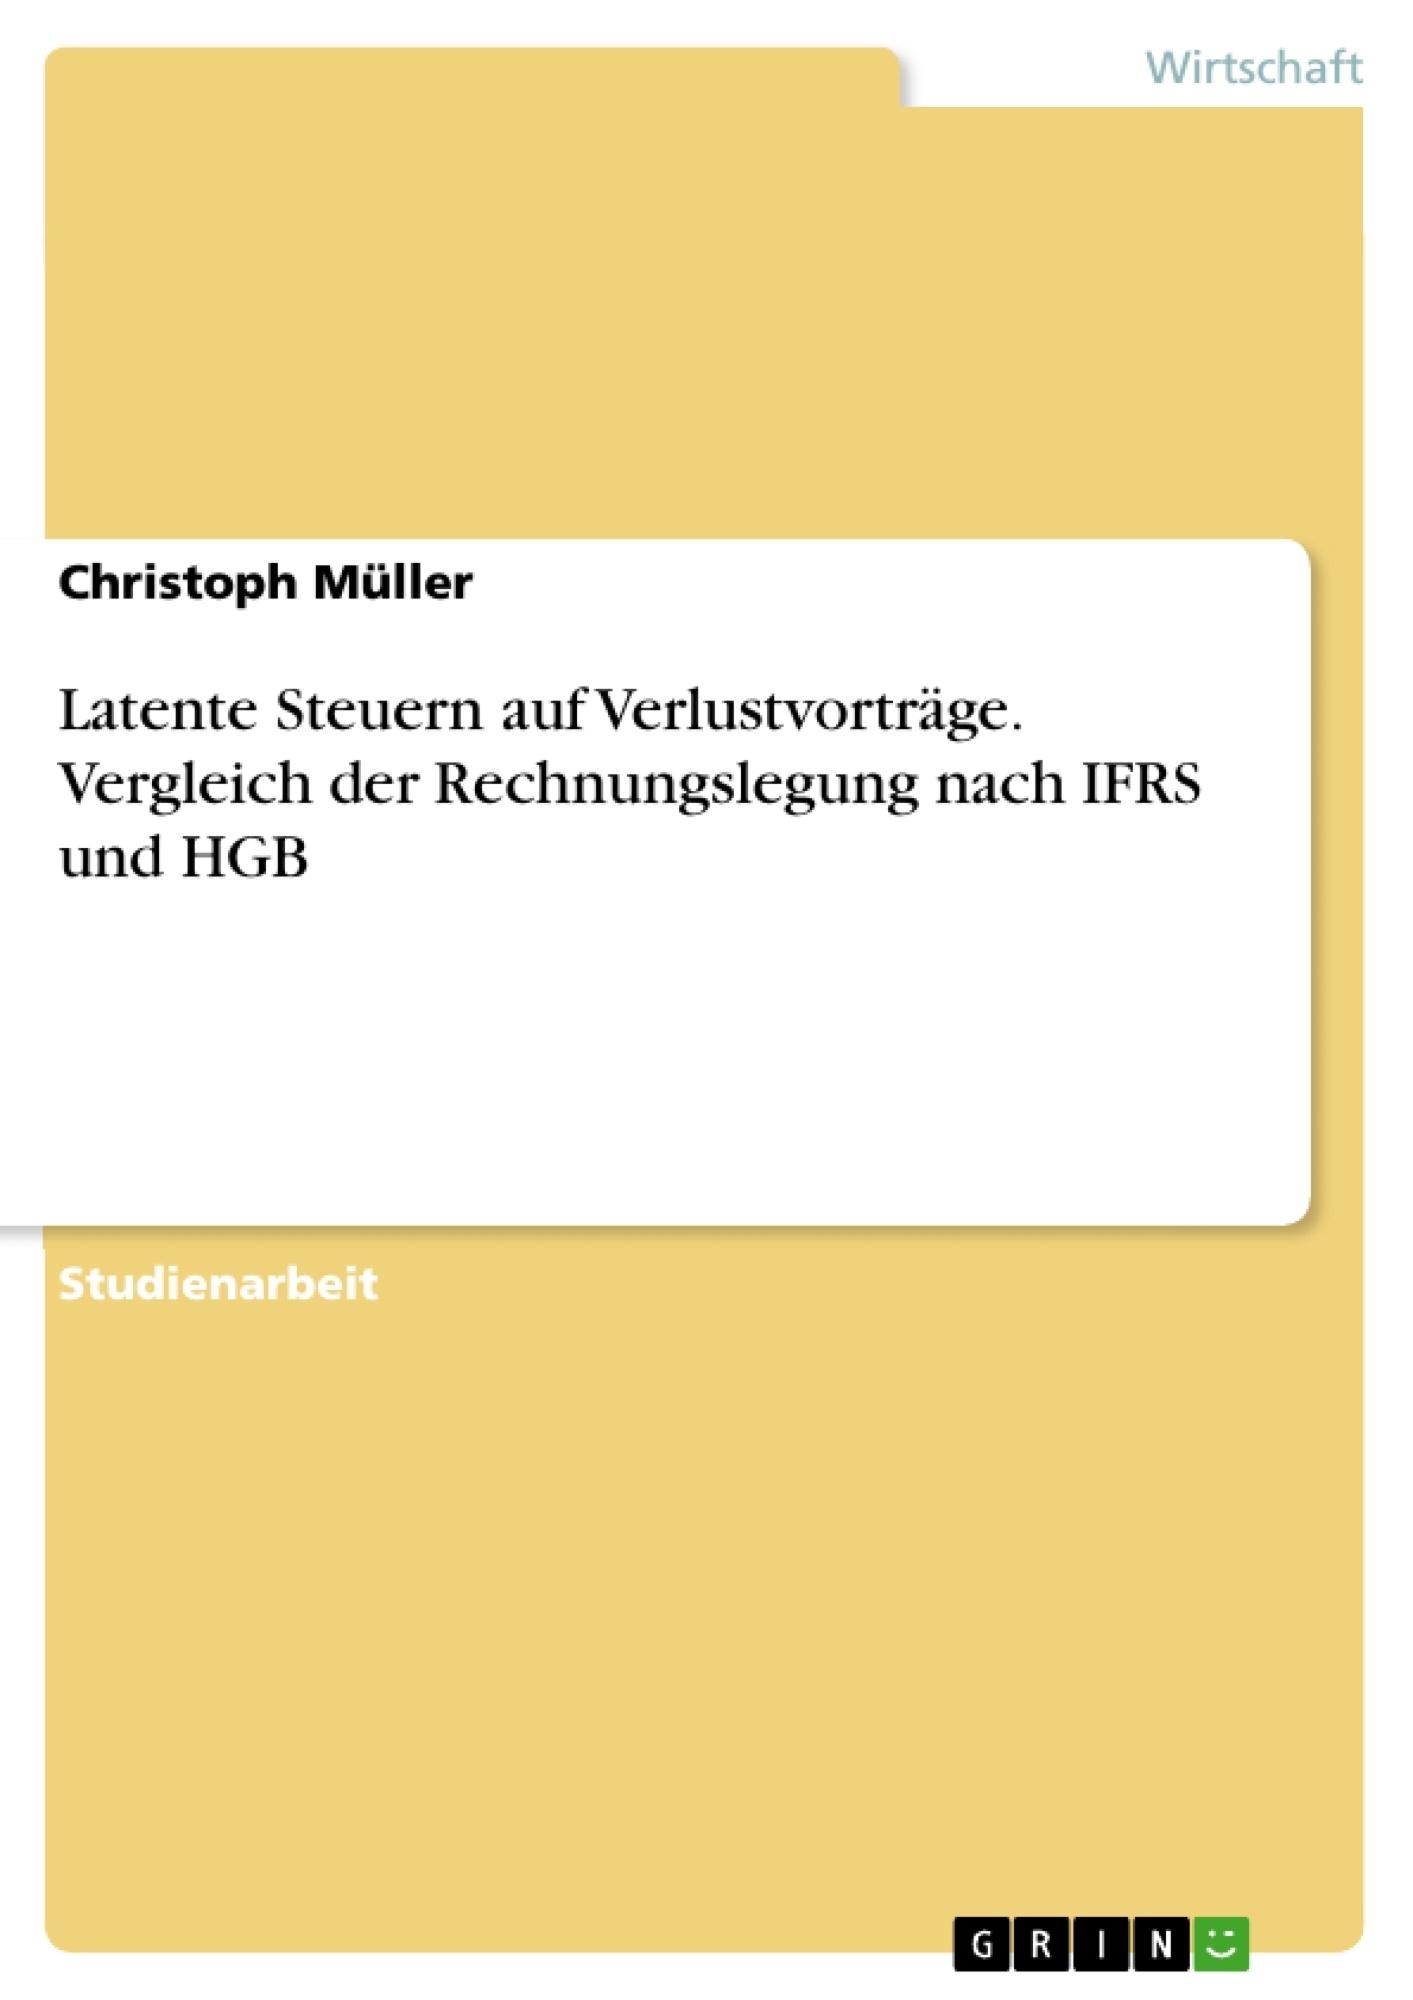 Titel: Latente Steuern auf Verlustvorträge. Vergleich der Rechnungslegung nach IFRS und HGB